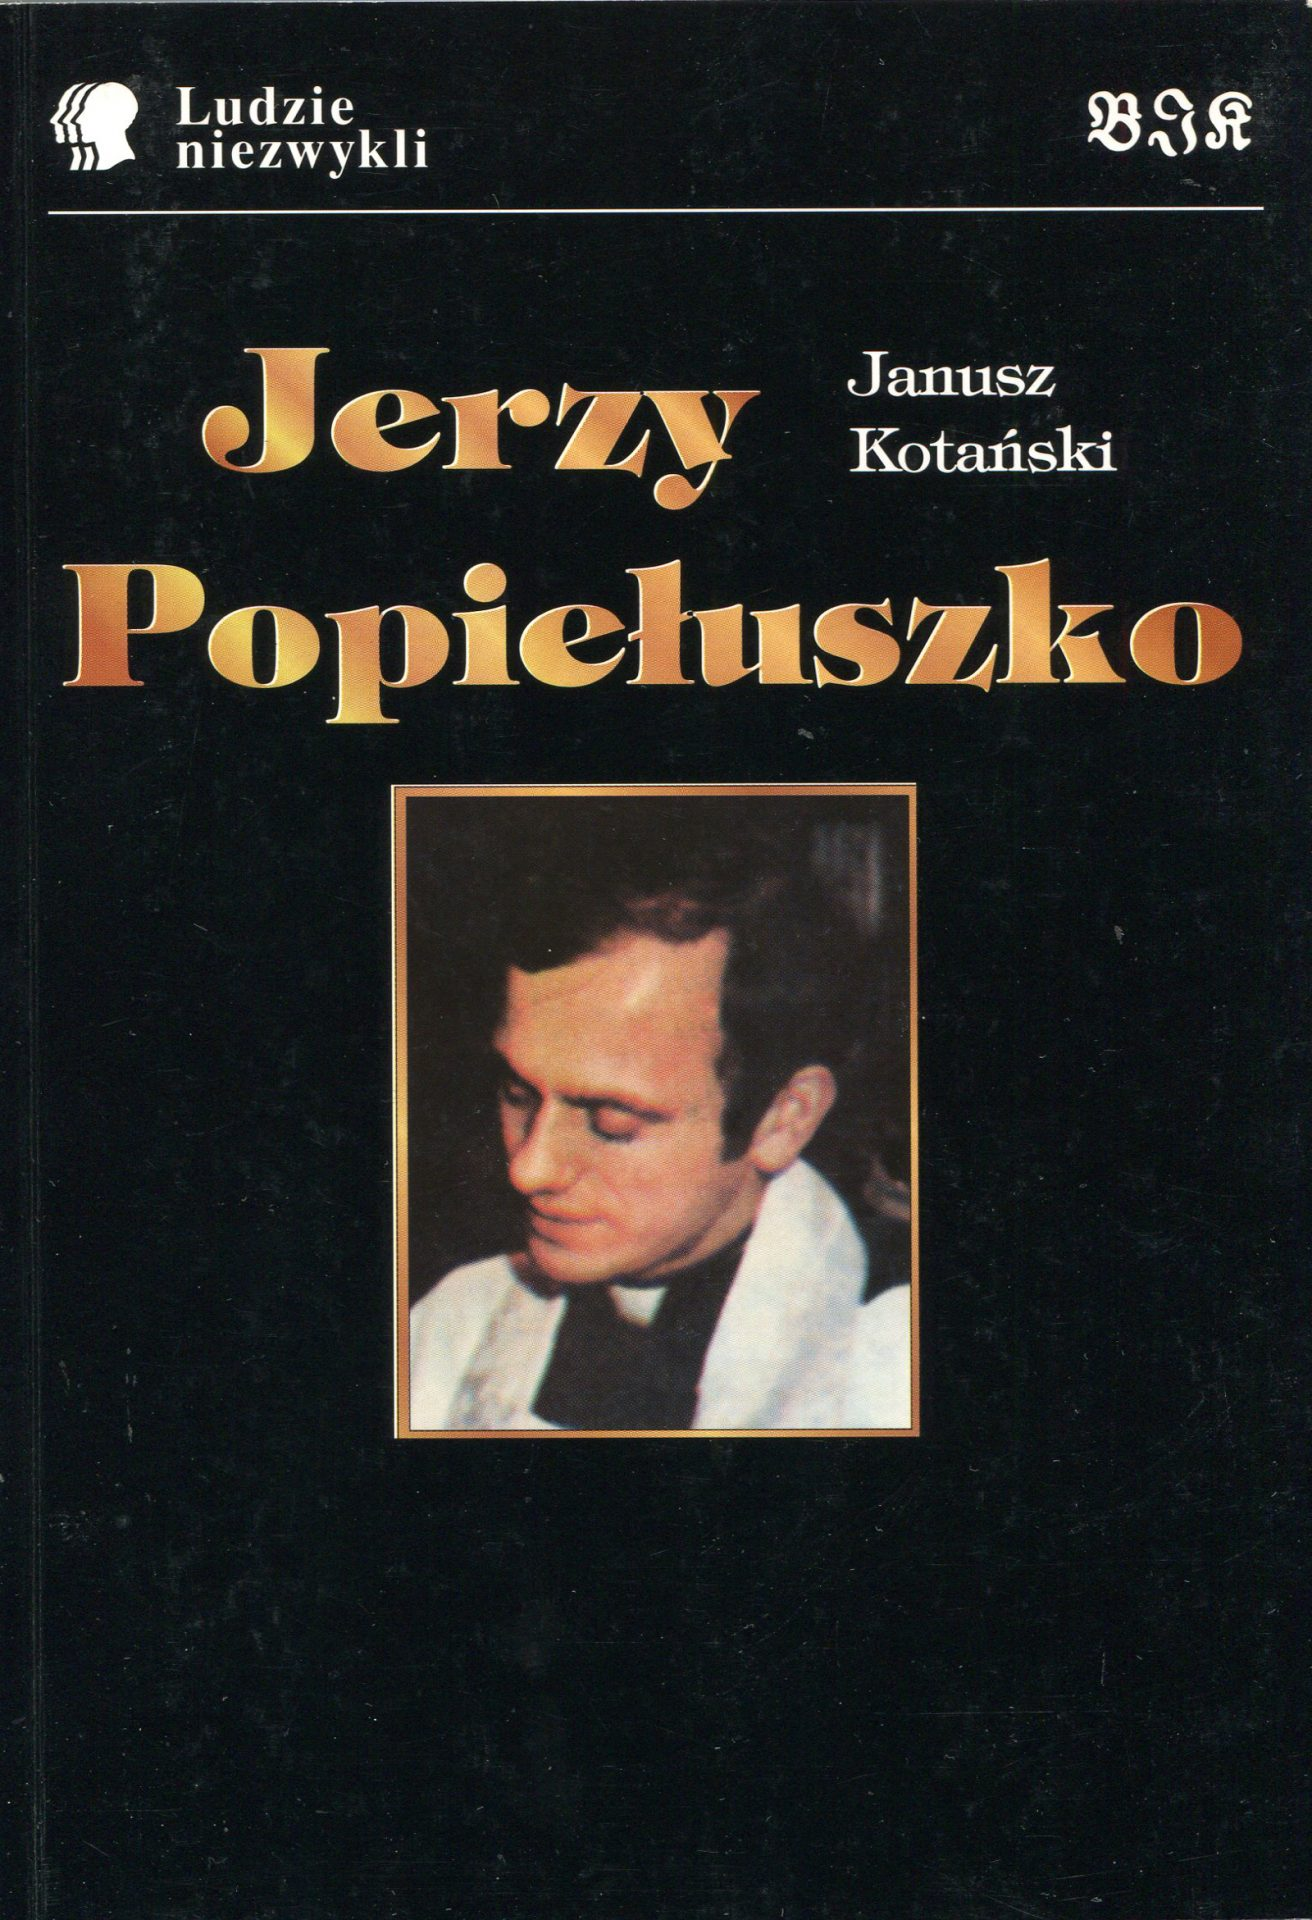 Janusz Kotański, Ksiądz Jerzy Popiełuszko